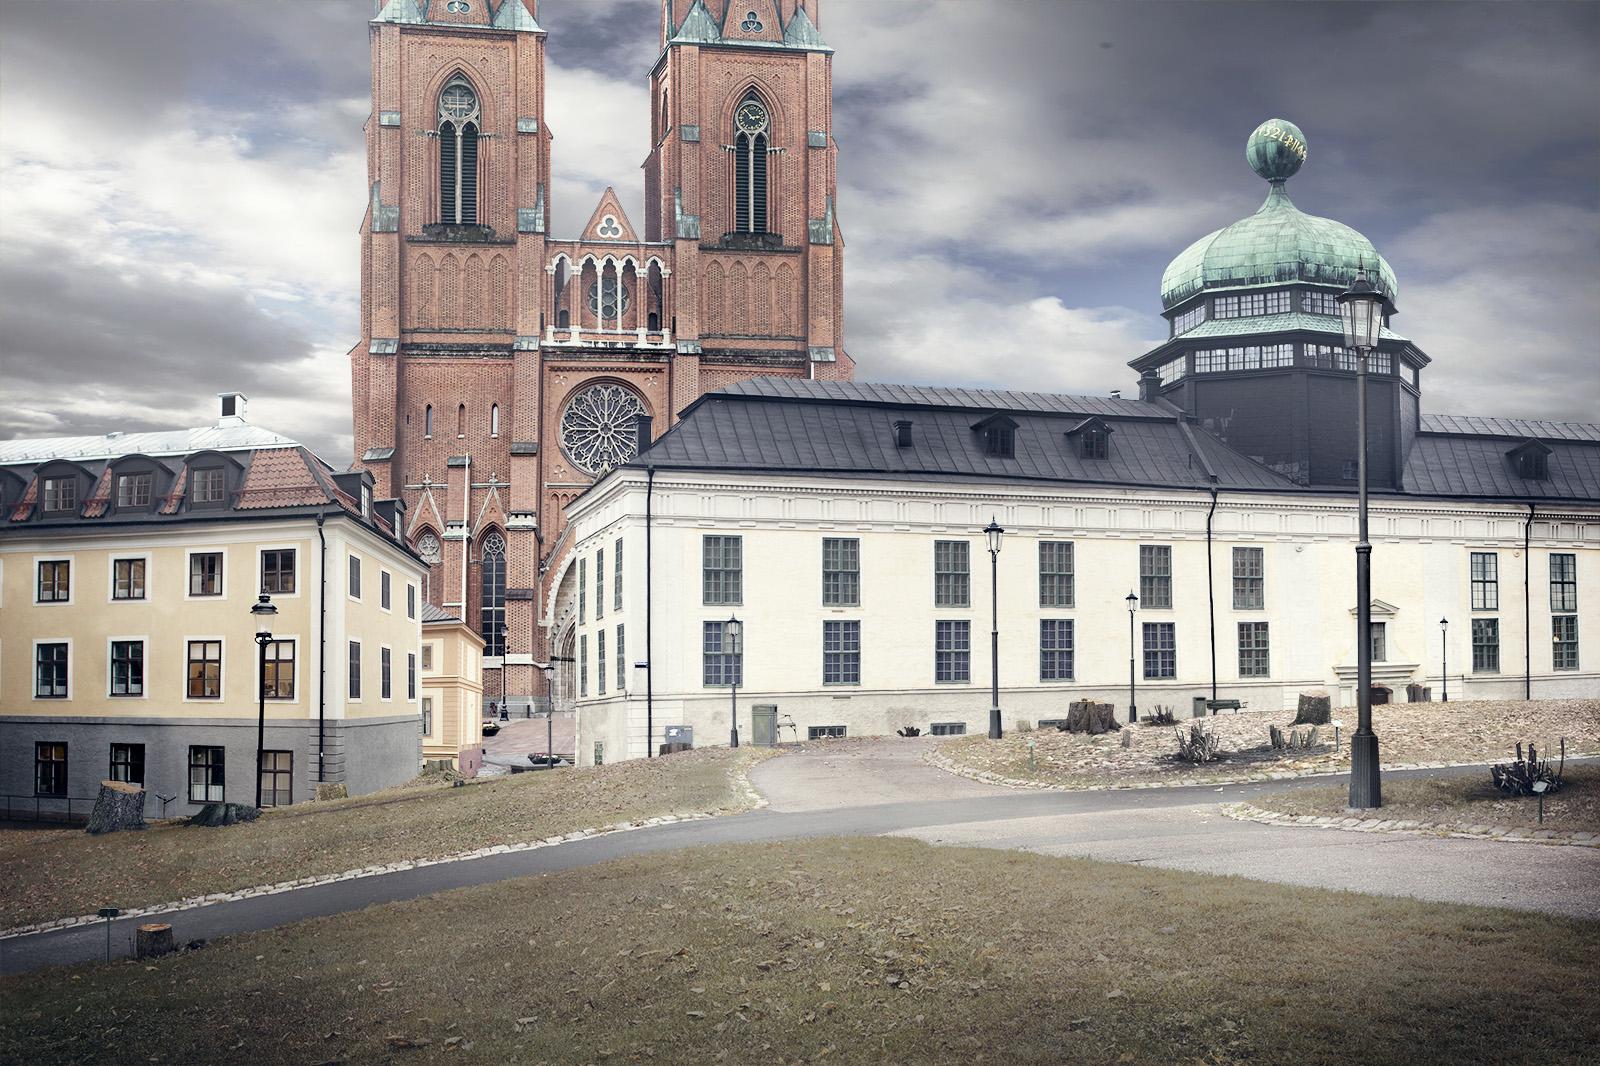 8_Uppsala_engelska_parken_efter.jpg